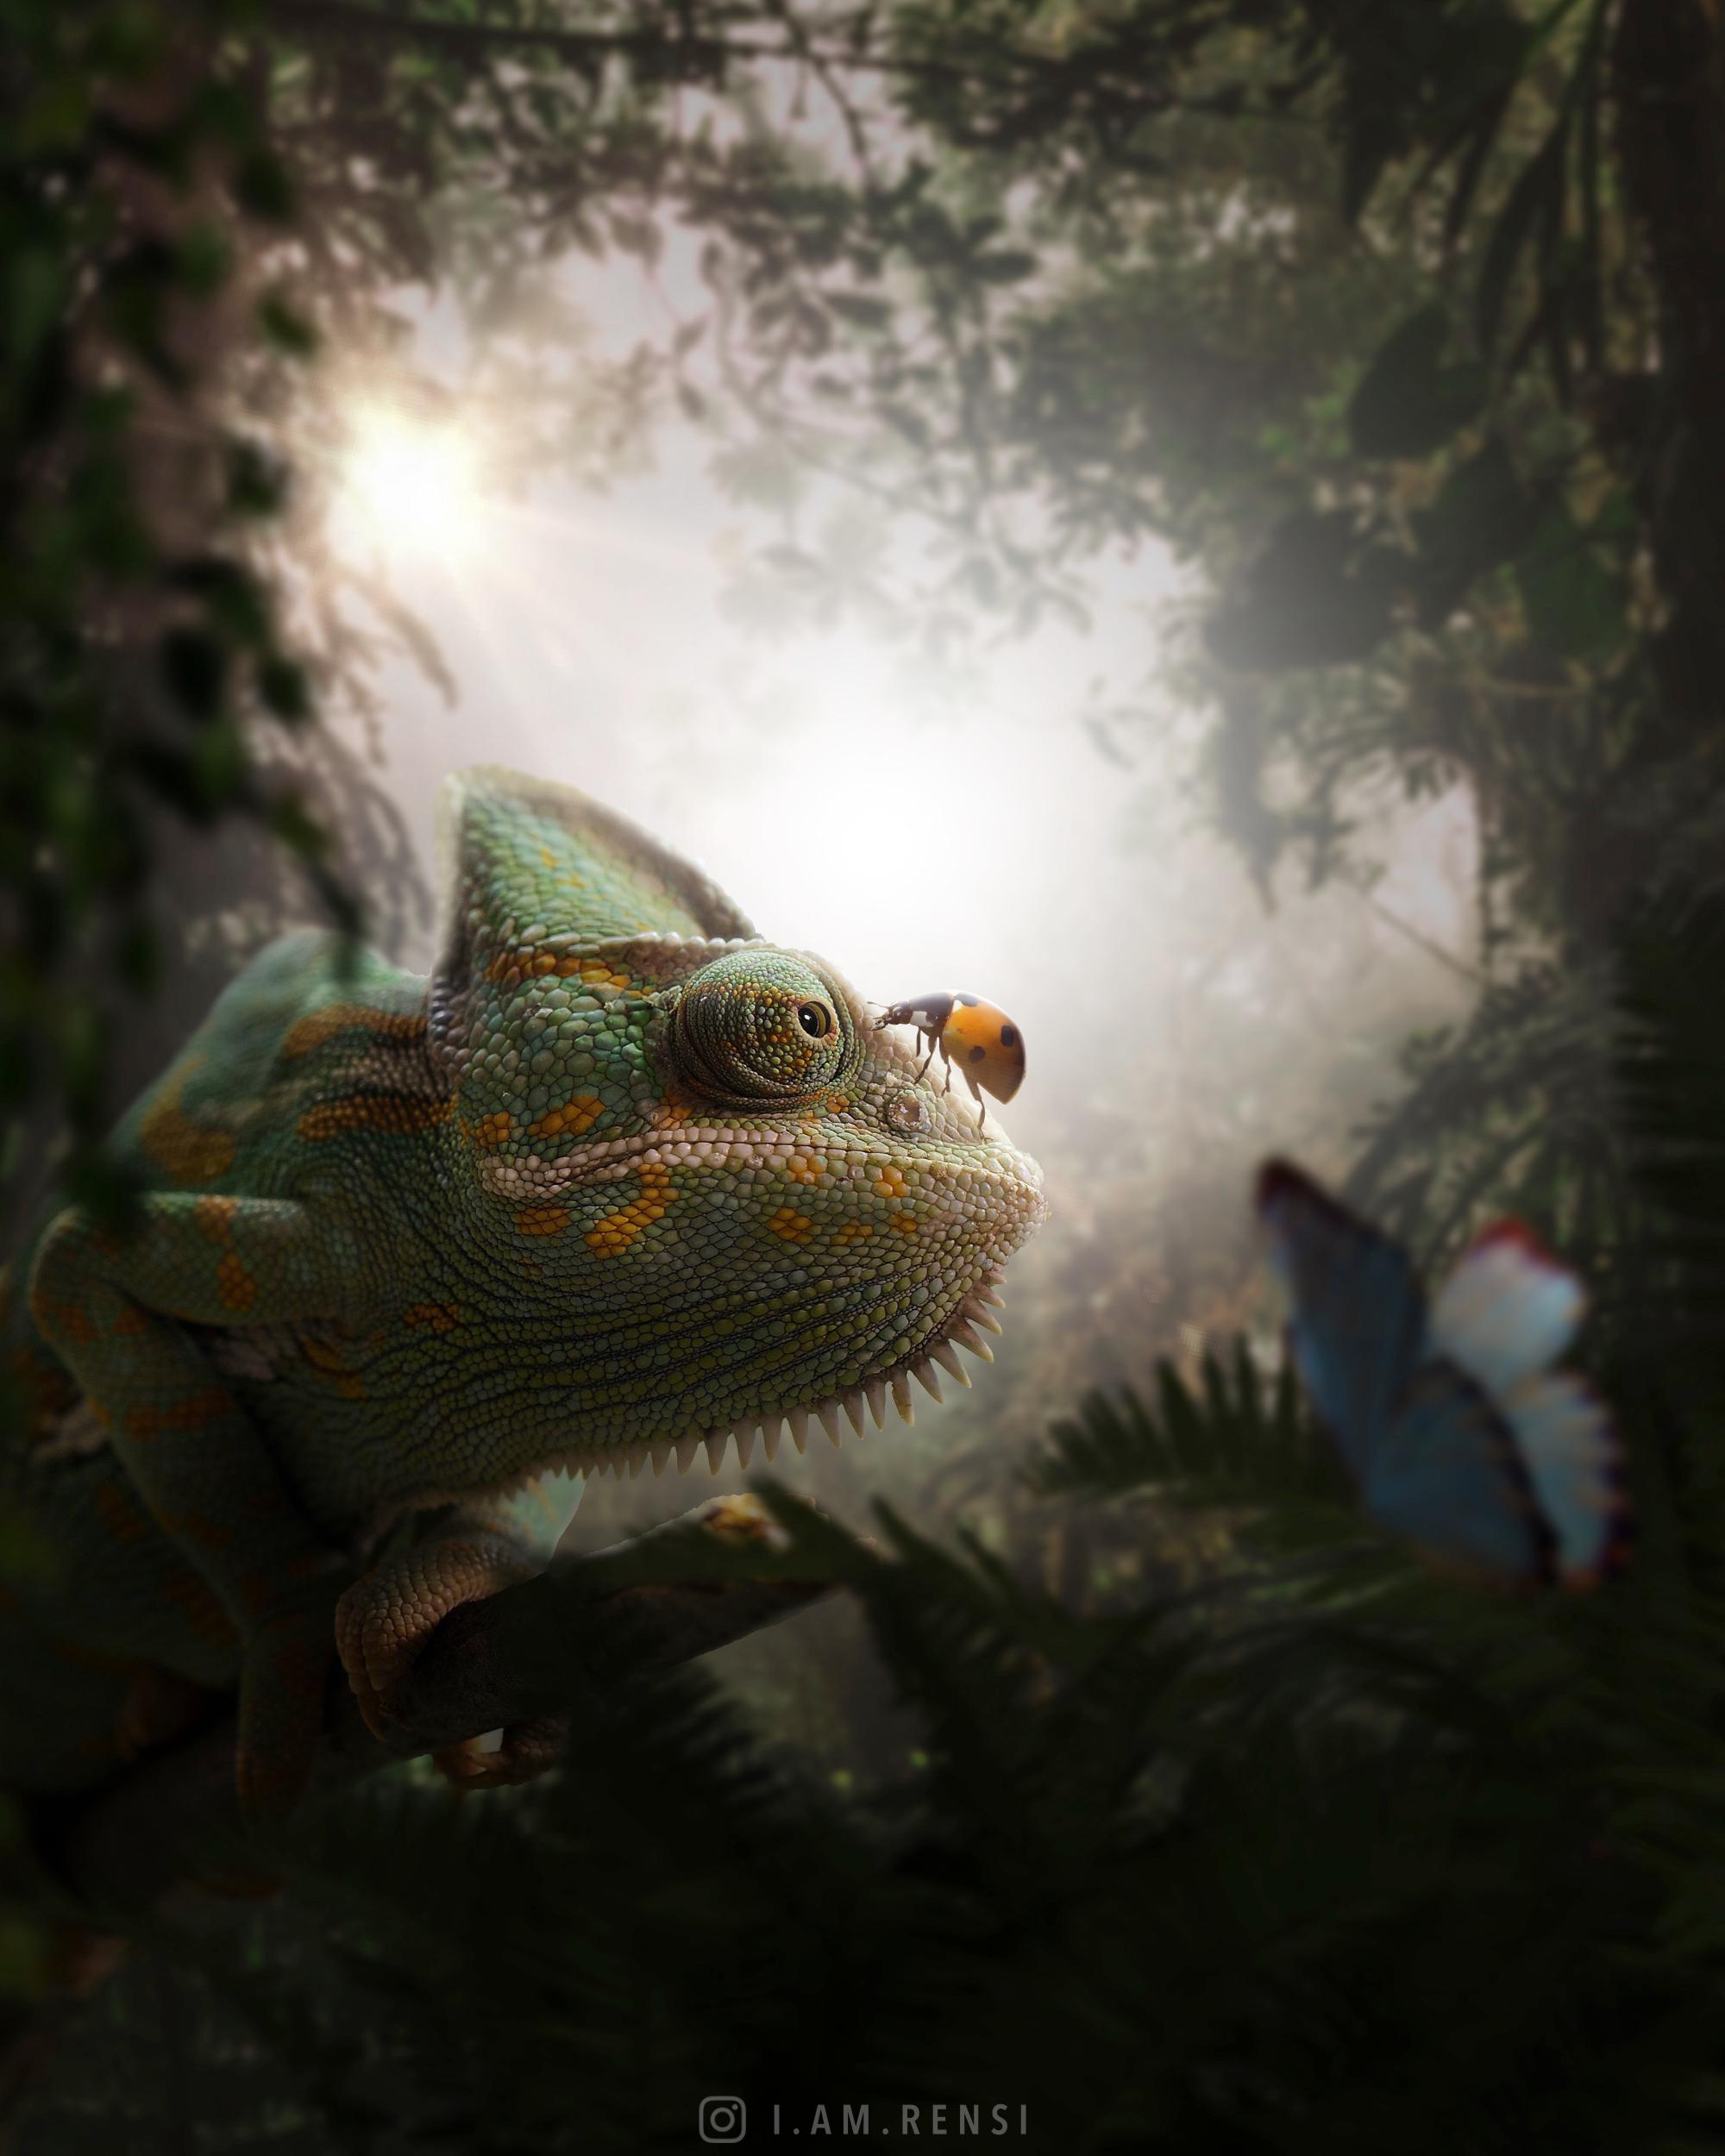 chameleon_ladybug_photo-manipulation